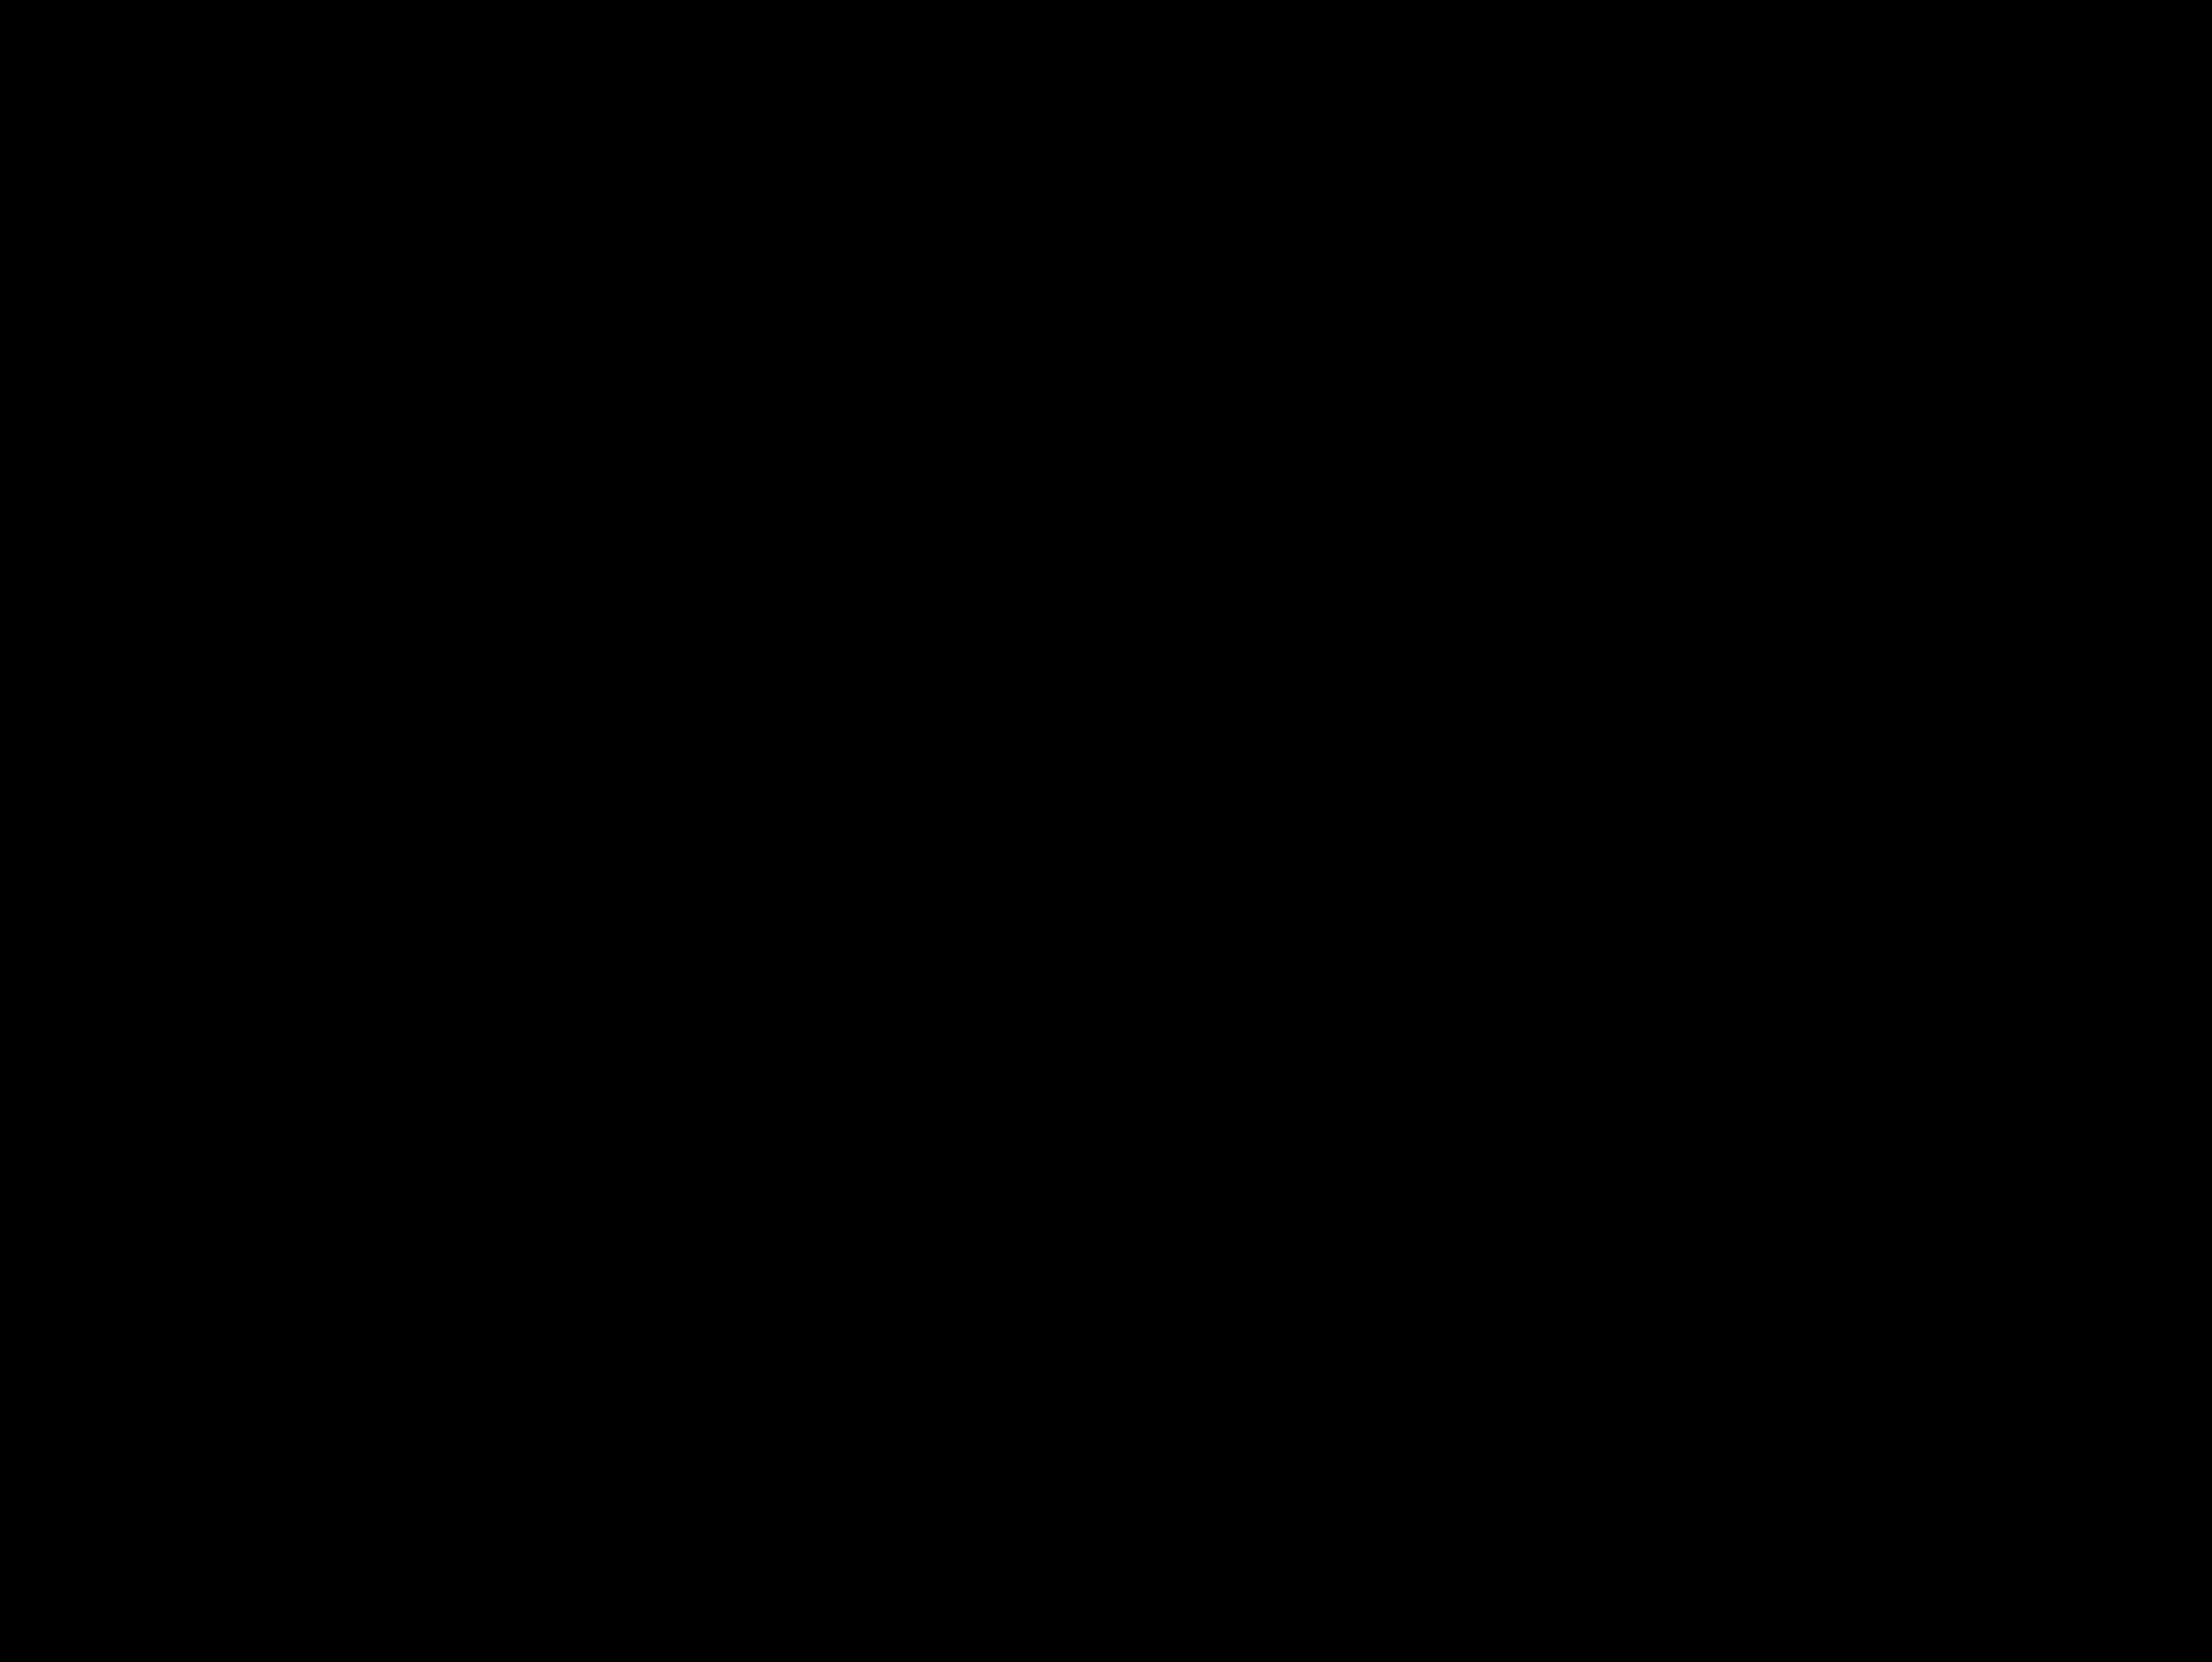 Caprice Climax Massage 2011 09 30 060 xxxxxl